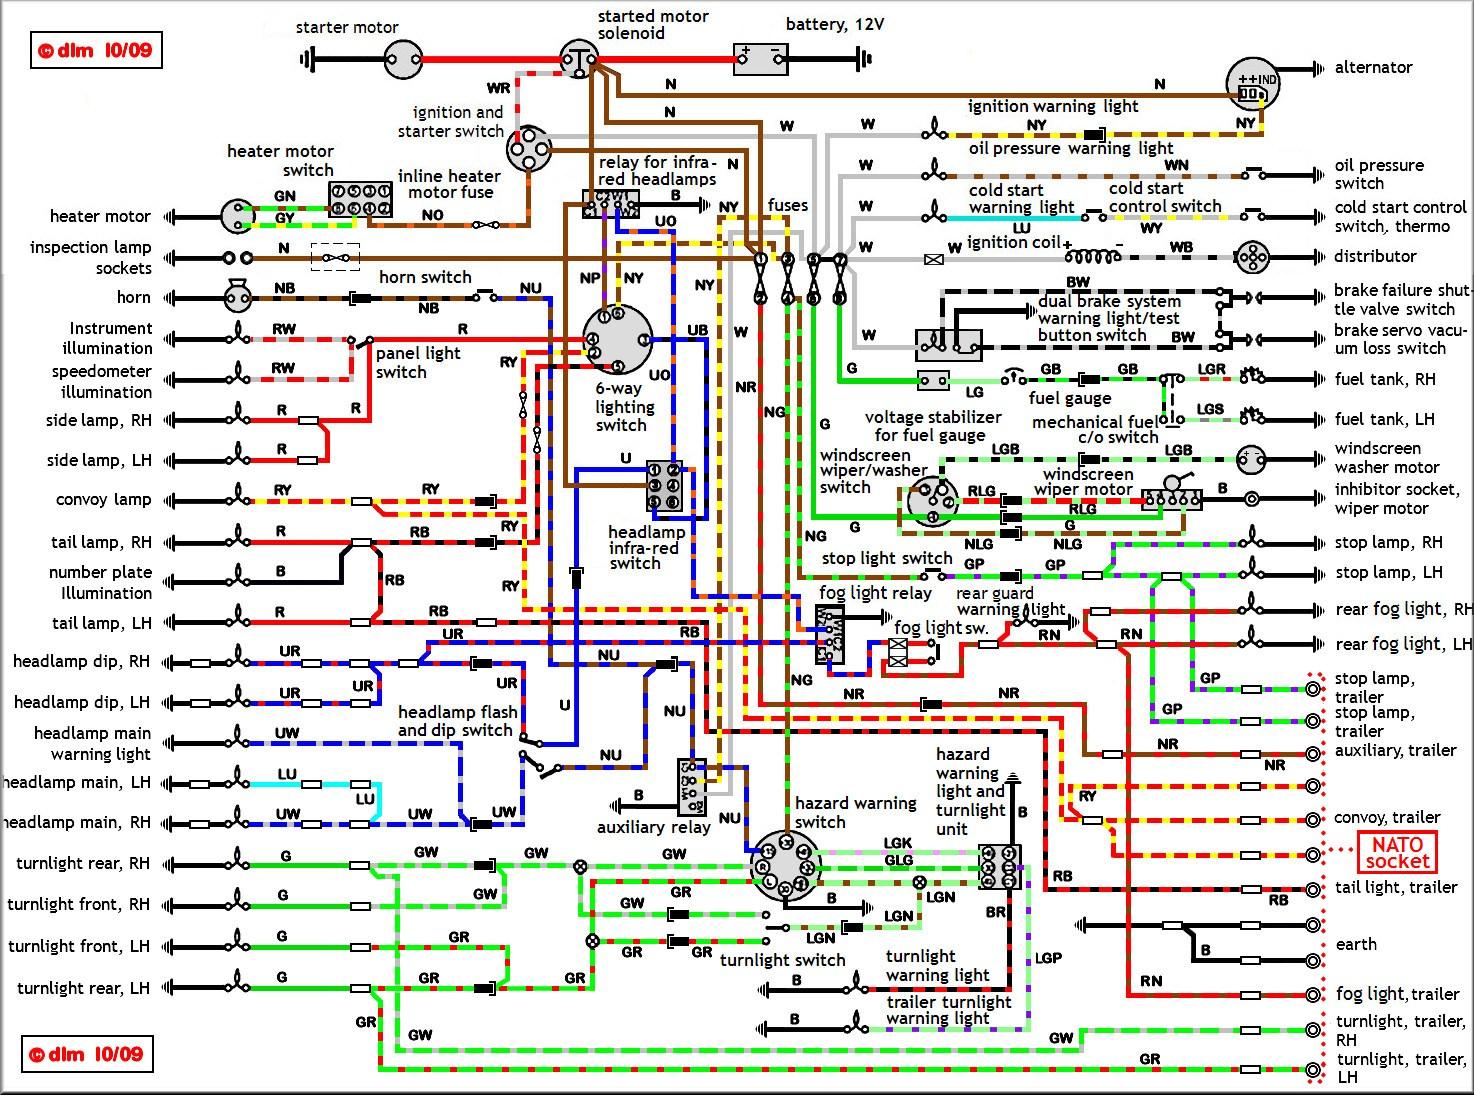 Superb Electric Light Wiring Diagram Uk Thread Vw Golf 1 8 Agu 1999 Engine Wiring Cloud Waroletkolfr09Org